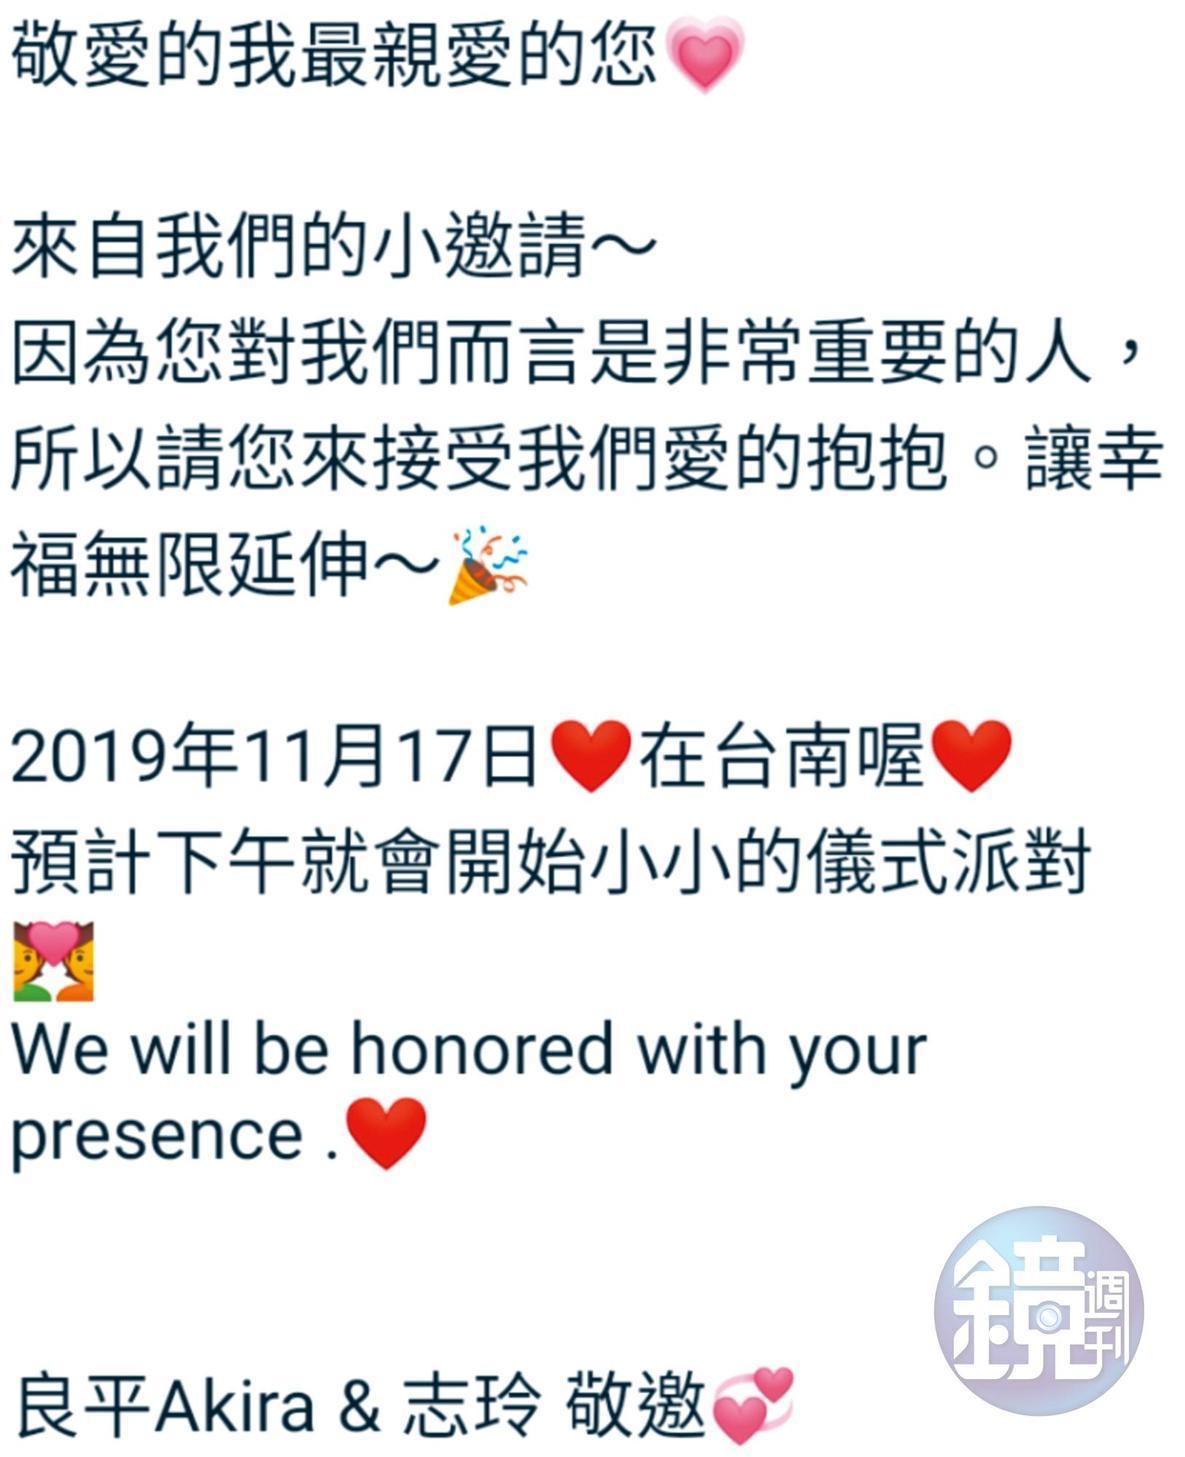 本刊日前獨家披露林志玲和老公Akira的婚宴將在11月17日於台南舉辦,也曝光邀請函上的文字內容。